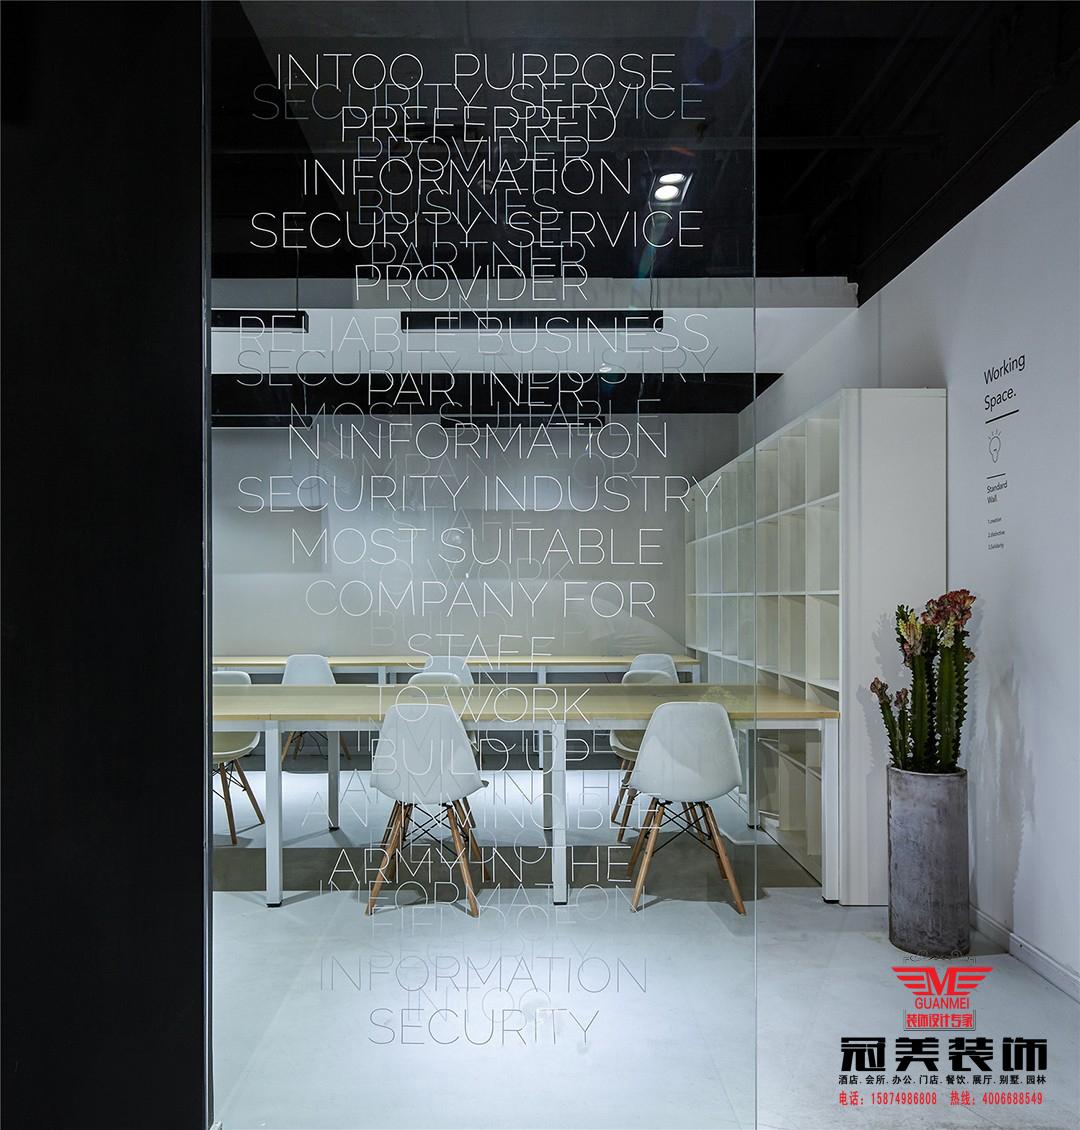 为了消除办公空间以往严肃紧张的固有印象,我们在平面功能最大化的基础上, 营造丰富的灰空间,黑白极简的设计语言在节省造价的同时完美契合了IT公司的现代感与科技感。而木质的飘窗是整个黑白空间的一抹暖色,在有限的面积中为员工营造了轻松的阅读与交流空间,丰富的玻璃隔断形成通透的空间,相互贯穿,模糊了空间属性,从而削弱小空间带来的局促感。